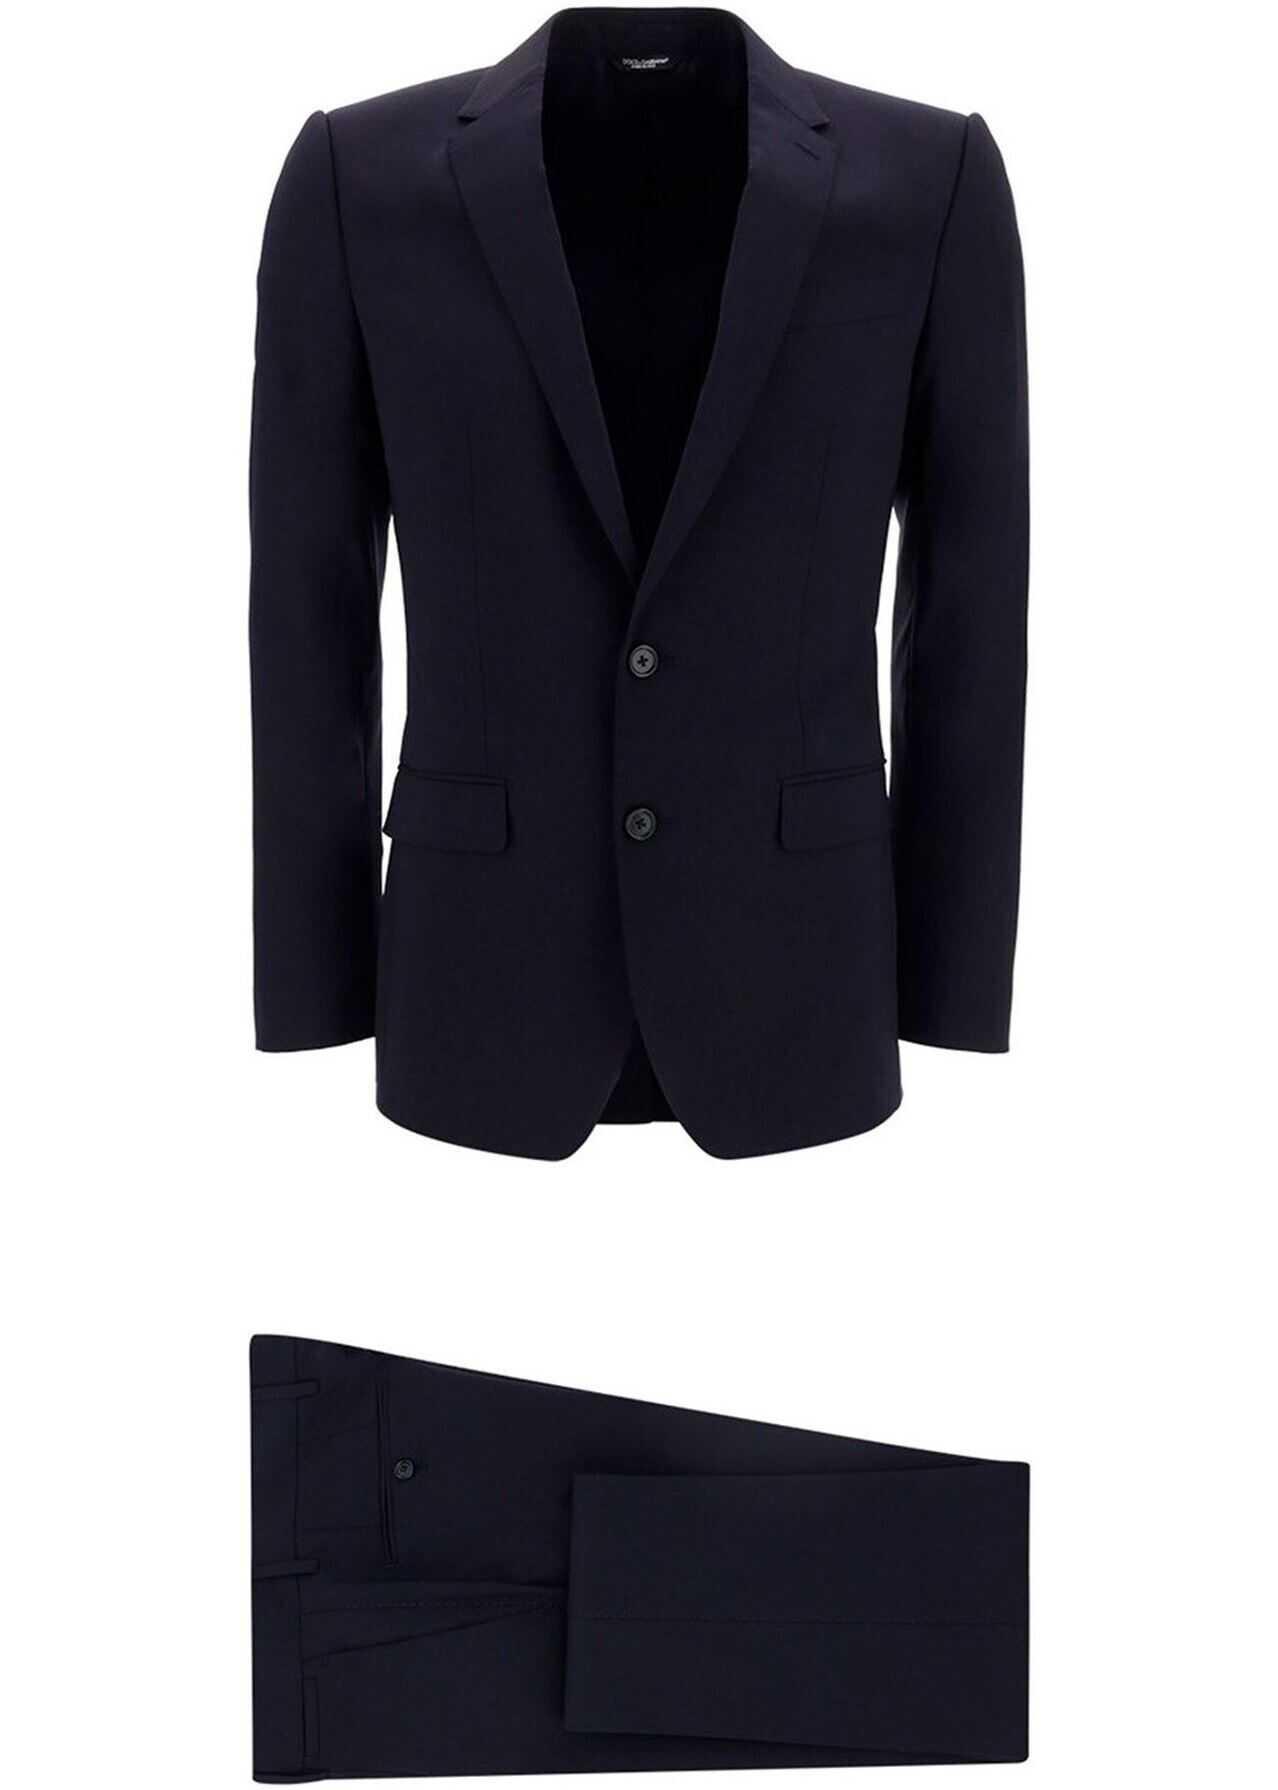 Dolce & Gabbana Fleece Wool Two-Piece Suit In Blue Blue imagine